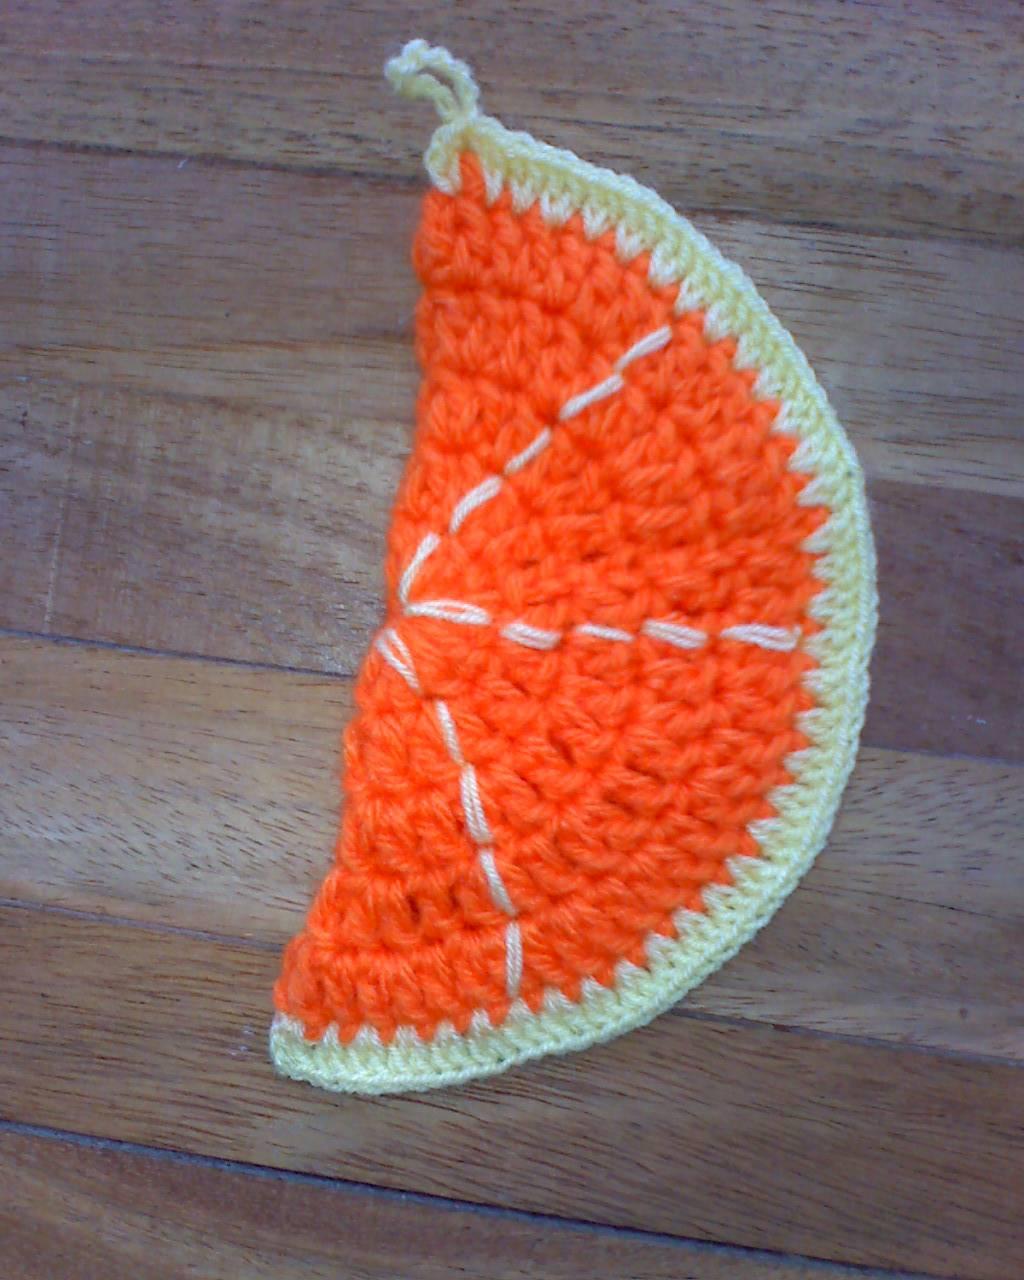 Frutas tejidas a crochet paso a paso por patty h bner for Cocina paso a paso pdf